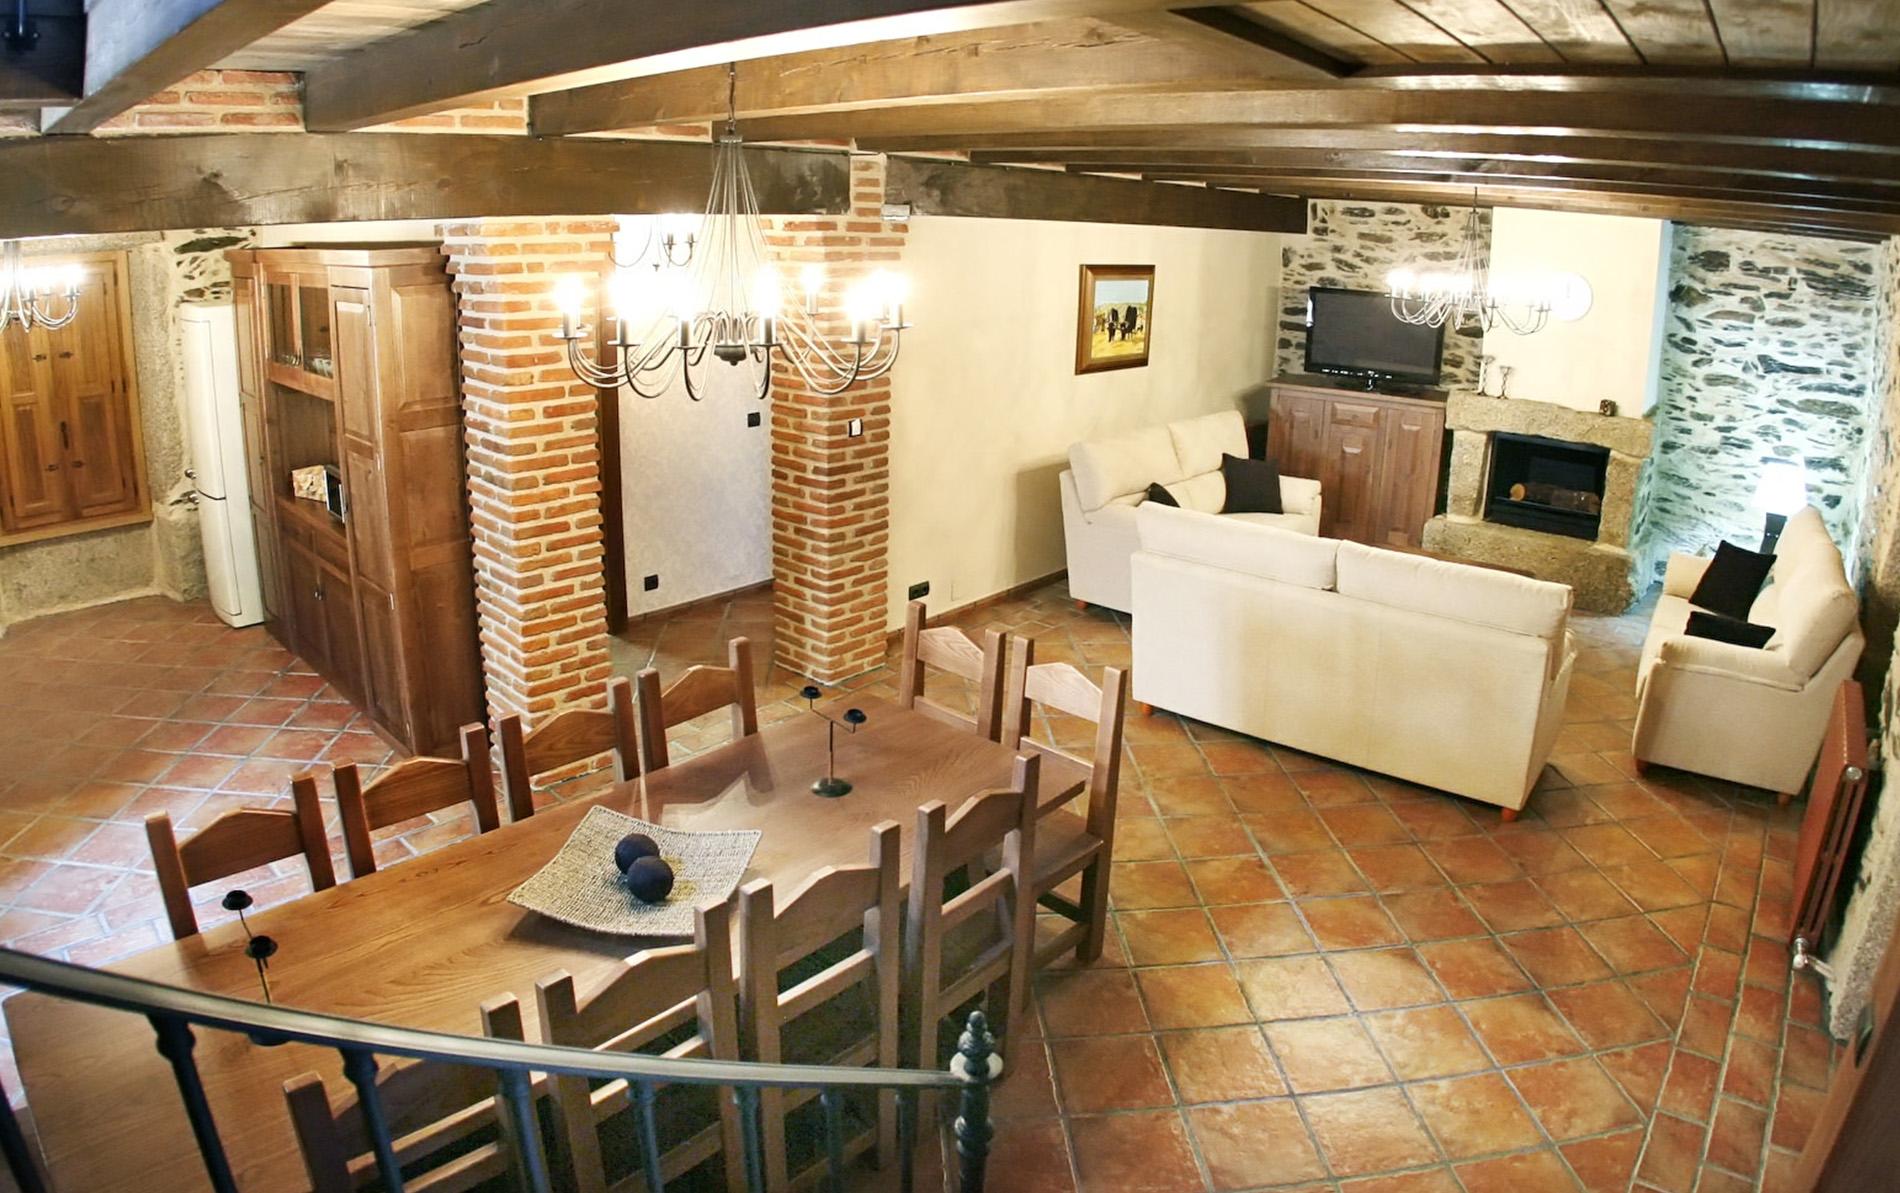 Perfecto salon y cocina friso ideas de decoraci n de for Casa minimalista torrelodones